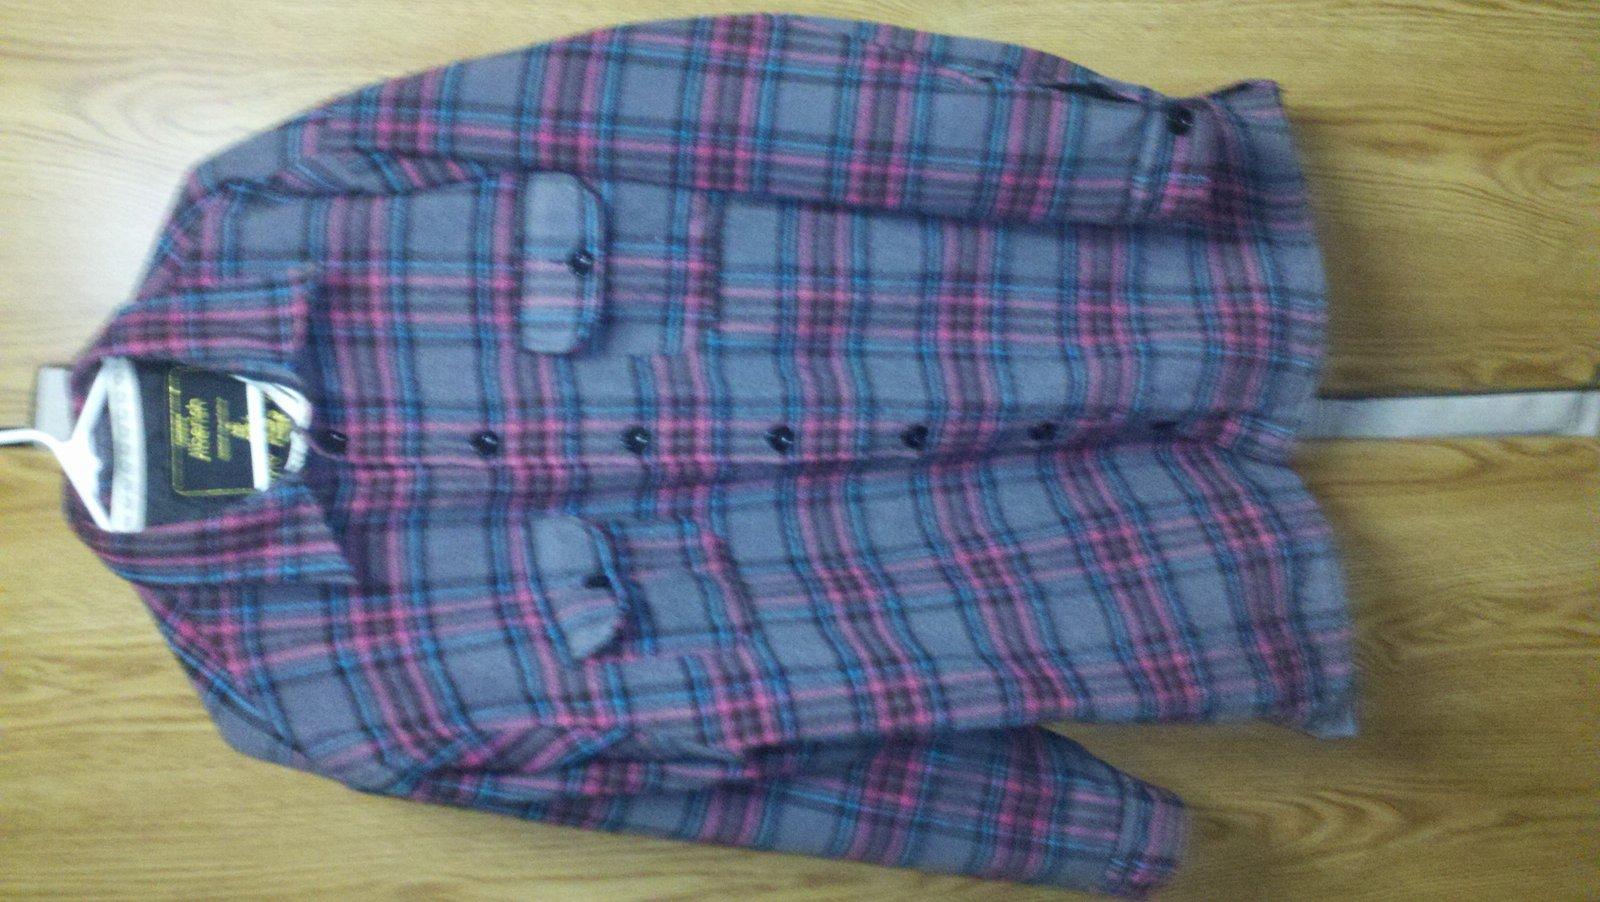 2011-12-05_13-25-49_342.jpg